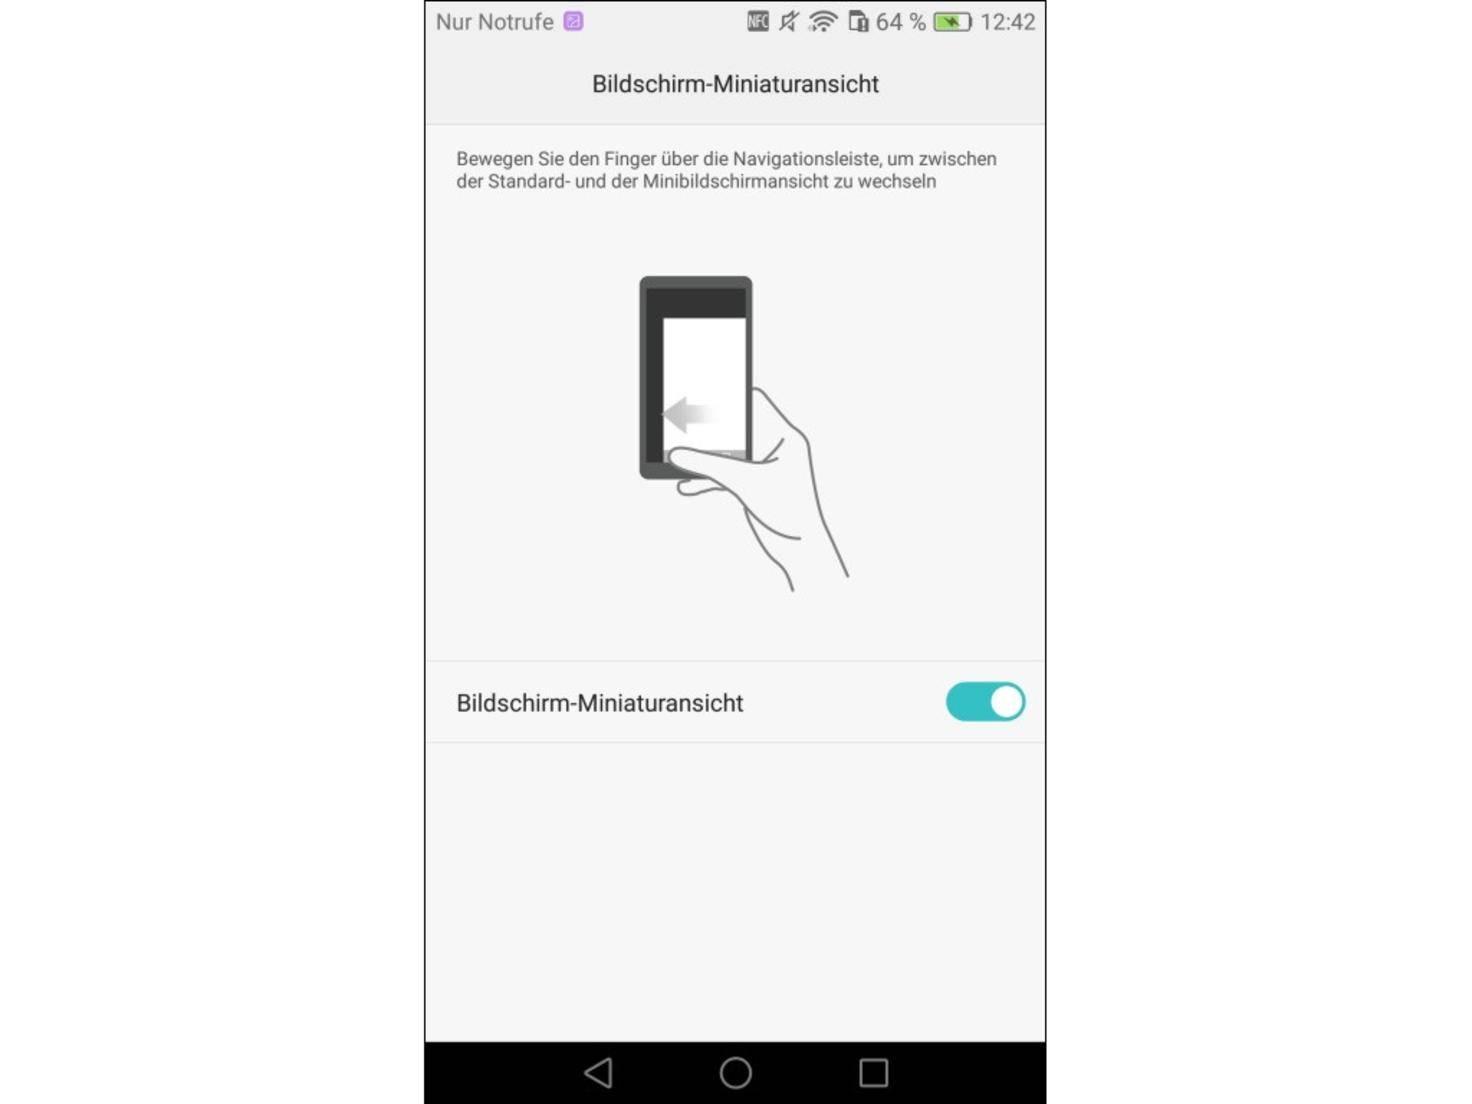 Huawei Mate 8 Screenshot 12